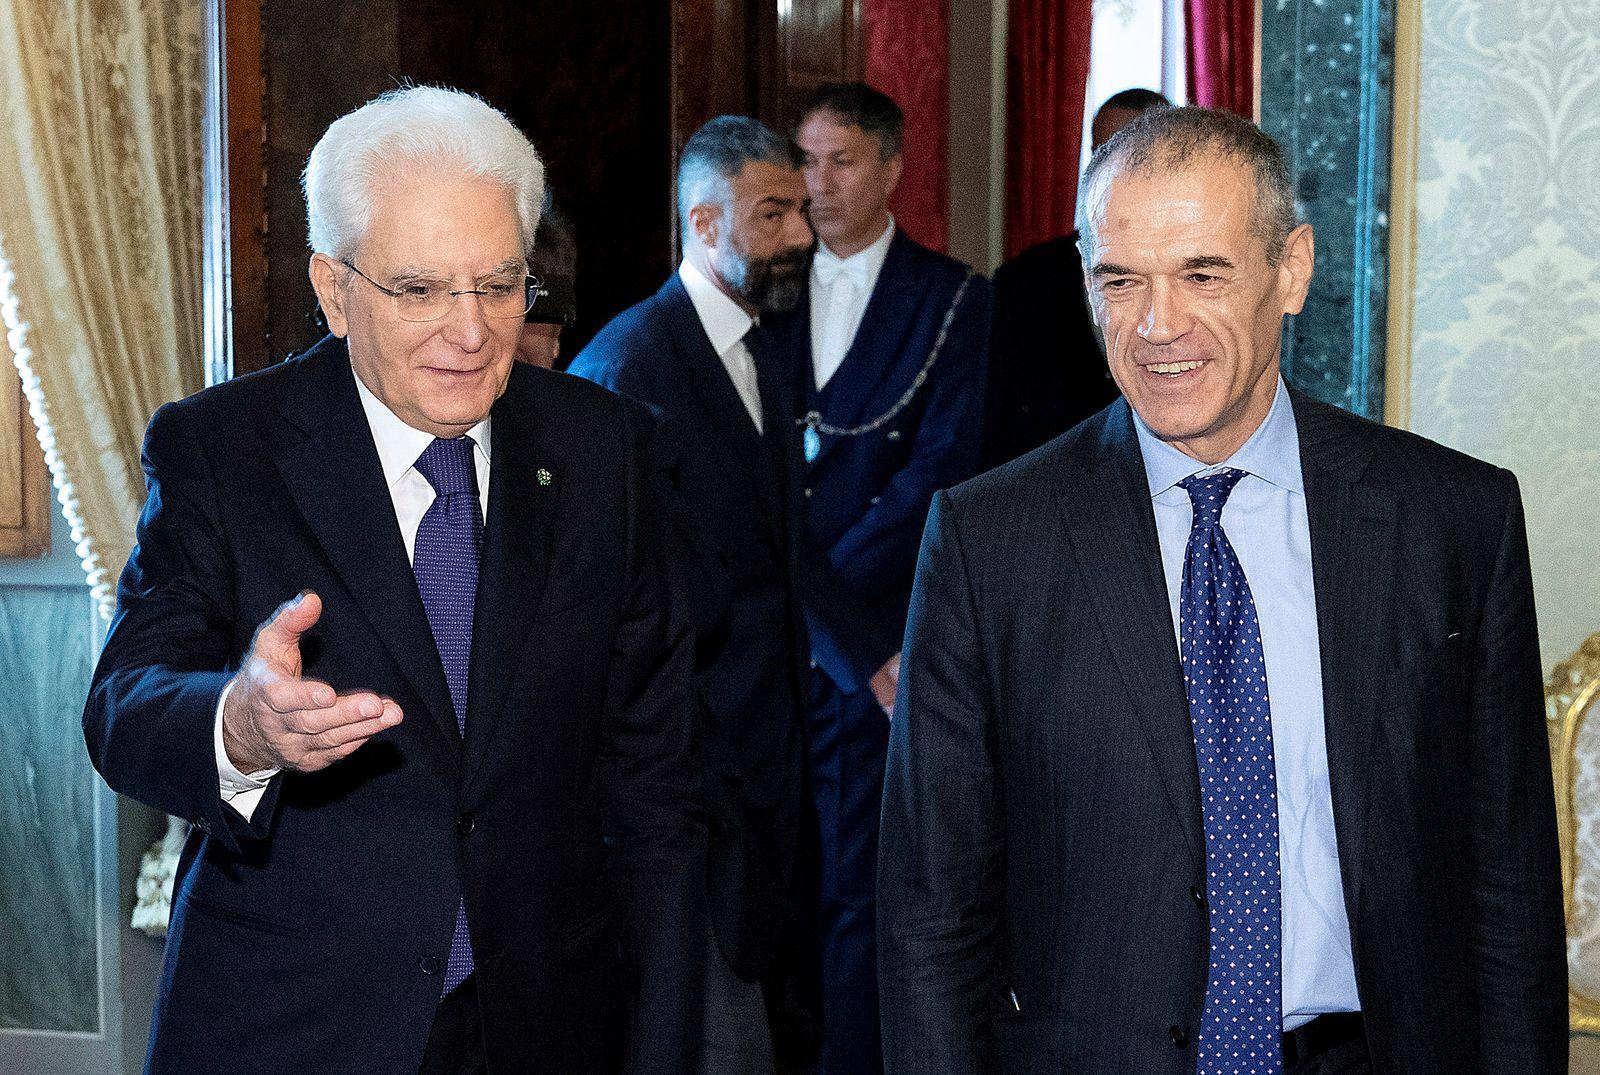 Sergio Mattarella / Carlo Cottarelli